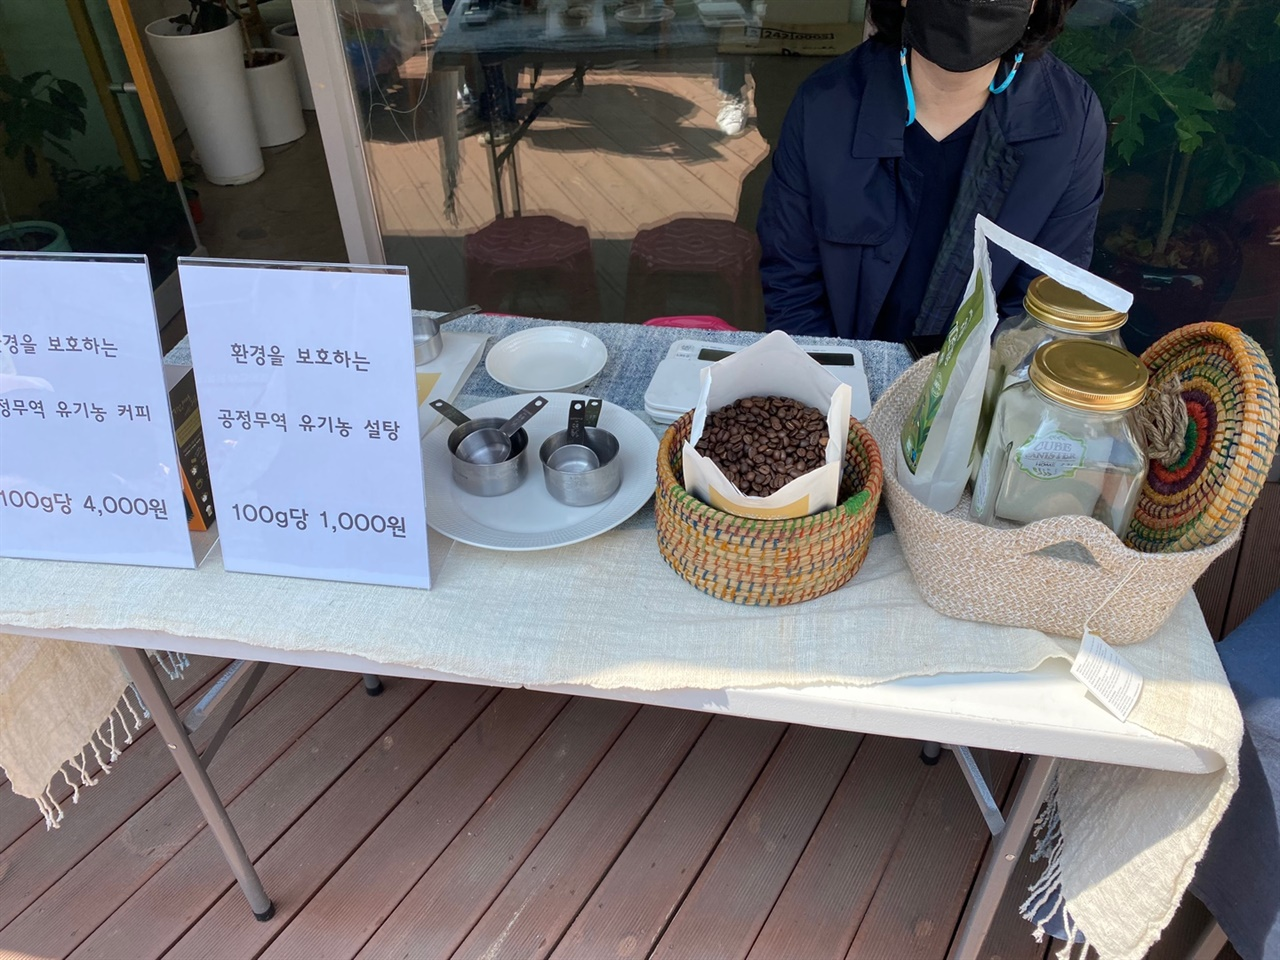 """""""성북구 공정무역센터""""에서 공정무역 유기농 커피와 설탕 판매 공정무역 제품의 소분 판매"""